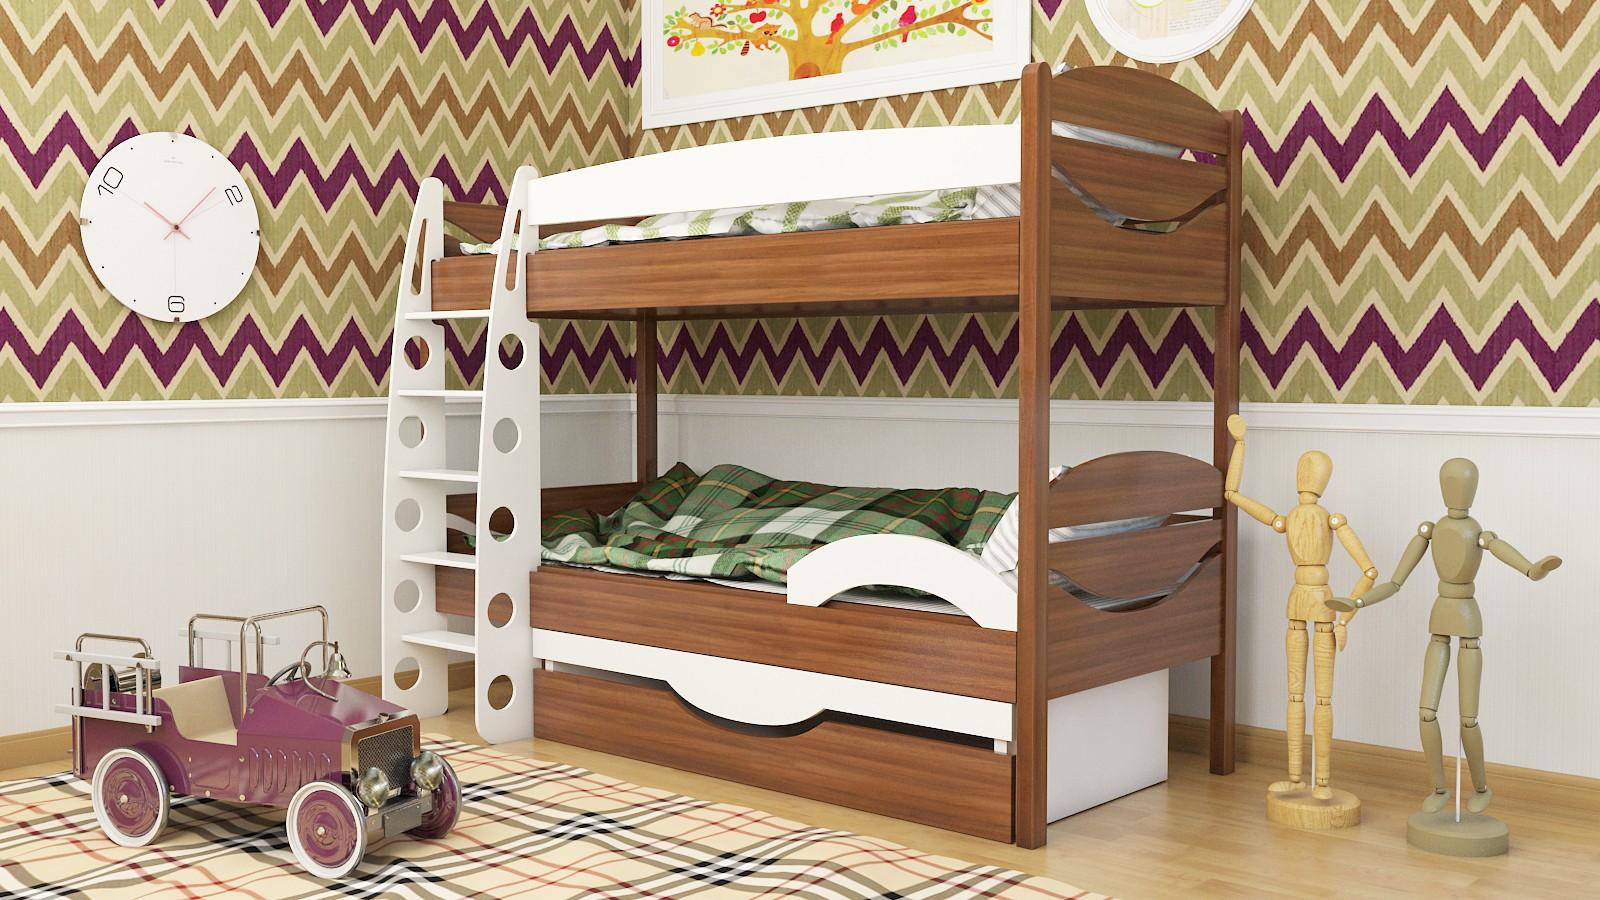 """Двухъярусная кровать """"Эни-Бэни"""" KDEBUK детская для мальчиков и девочек детей от 2-3 лет"""